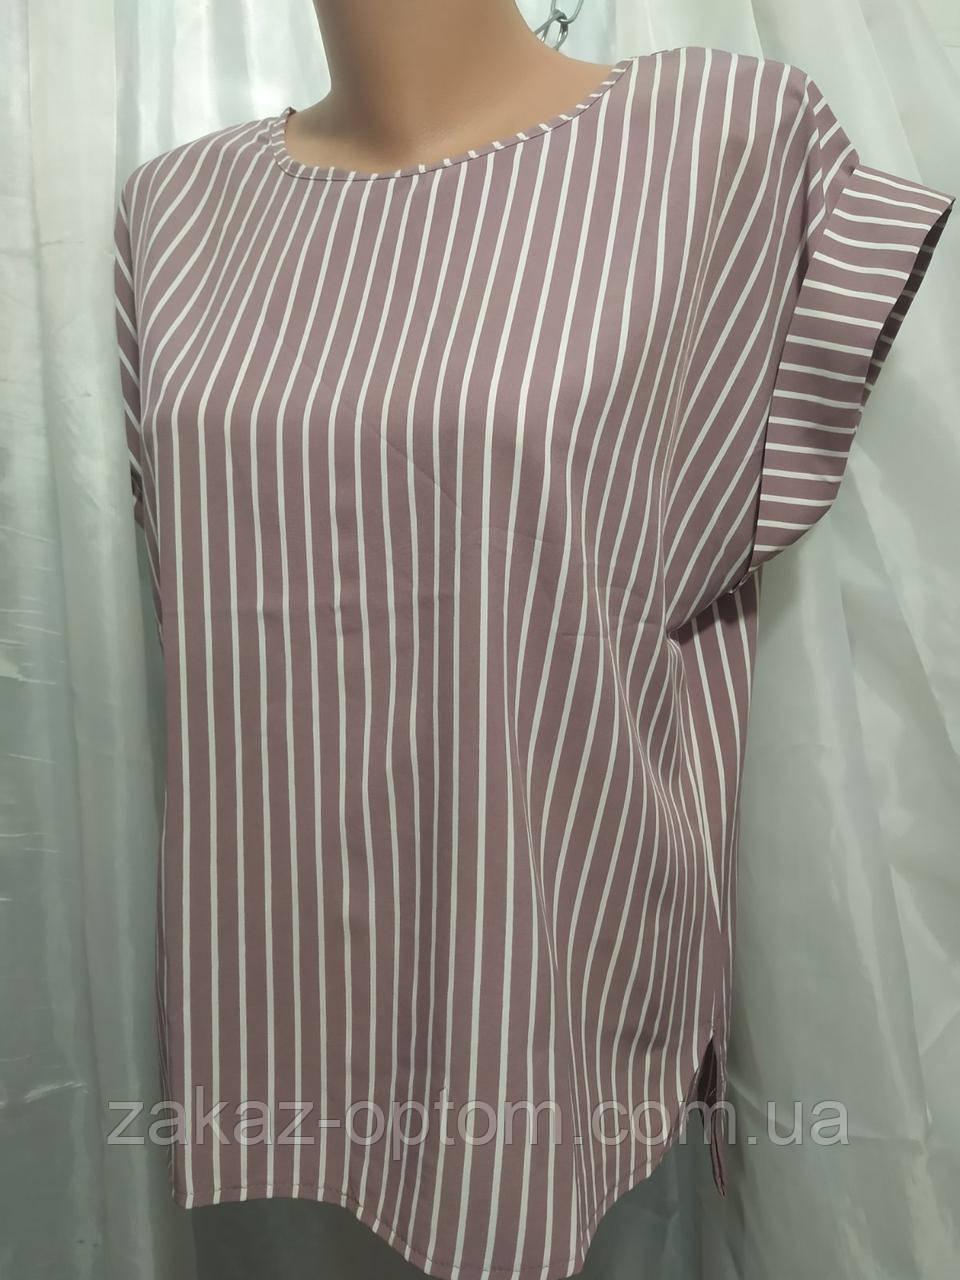 Блуза женская софт (48-54) Украина оптом-74616